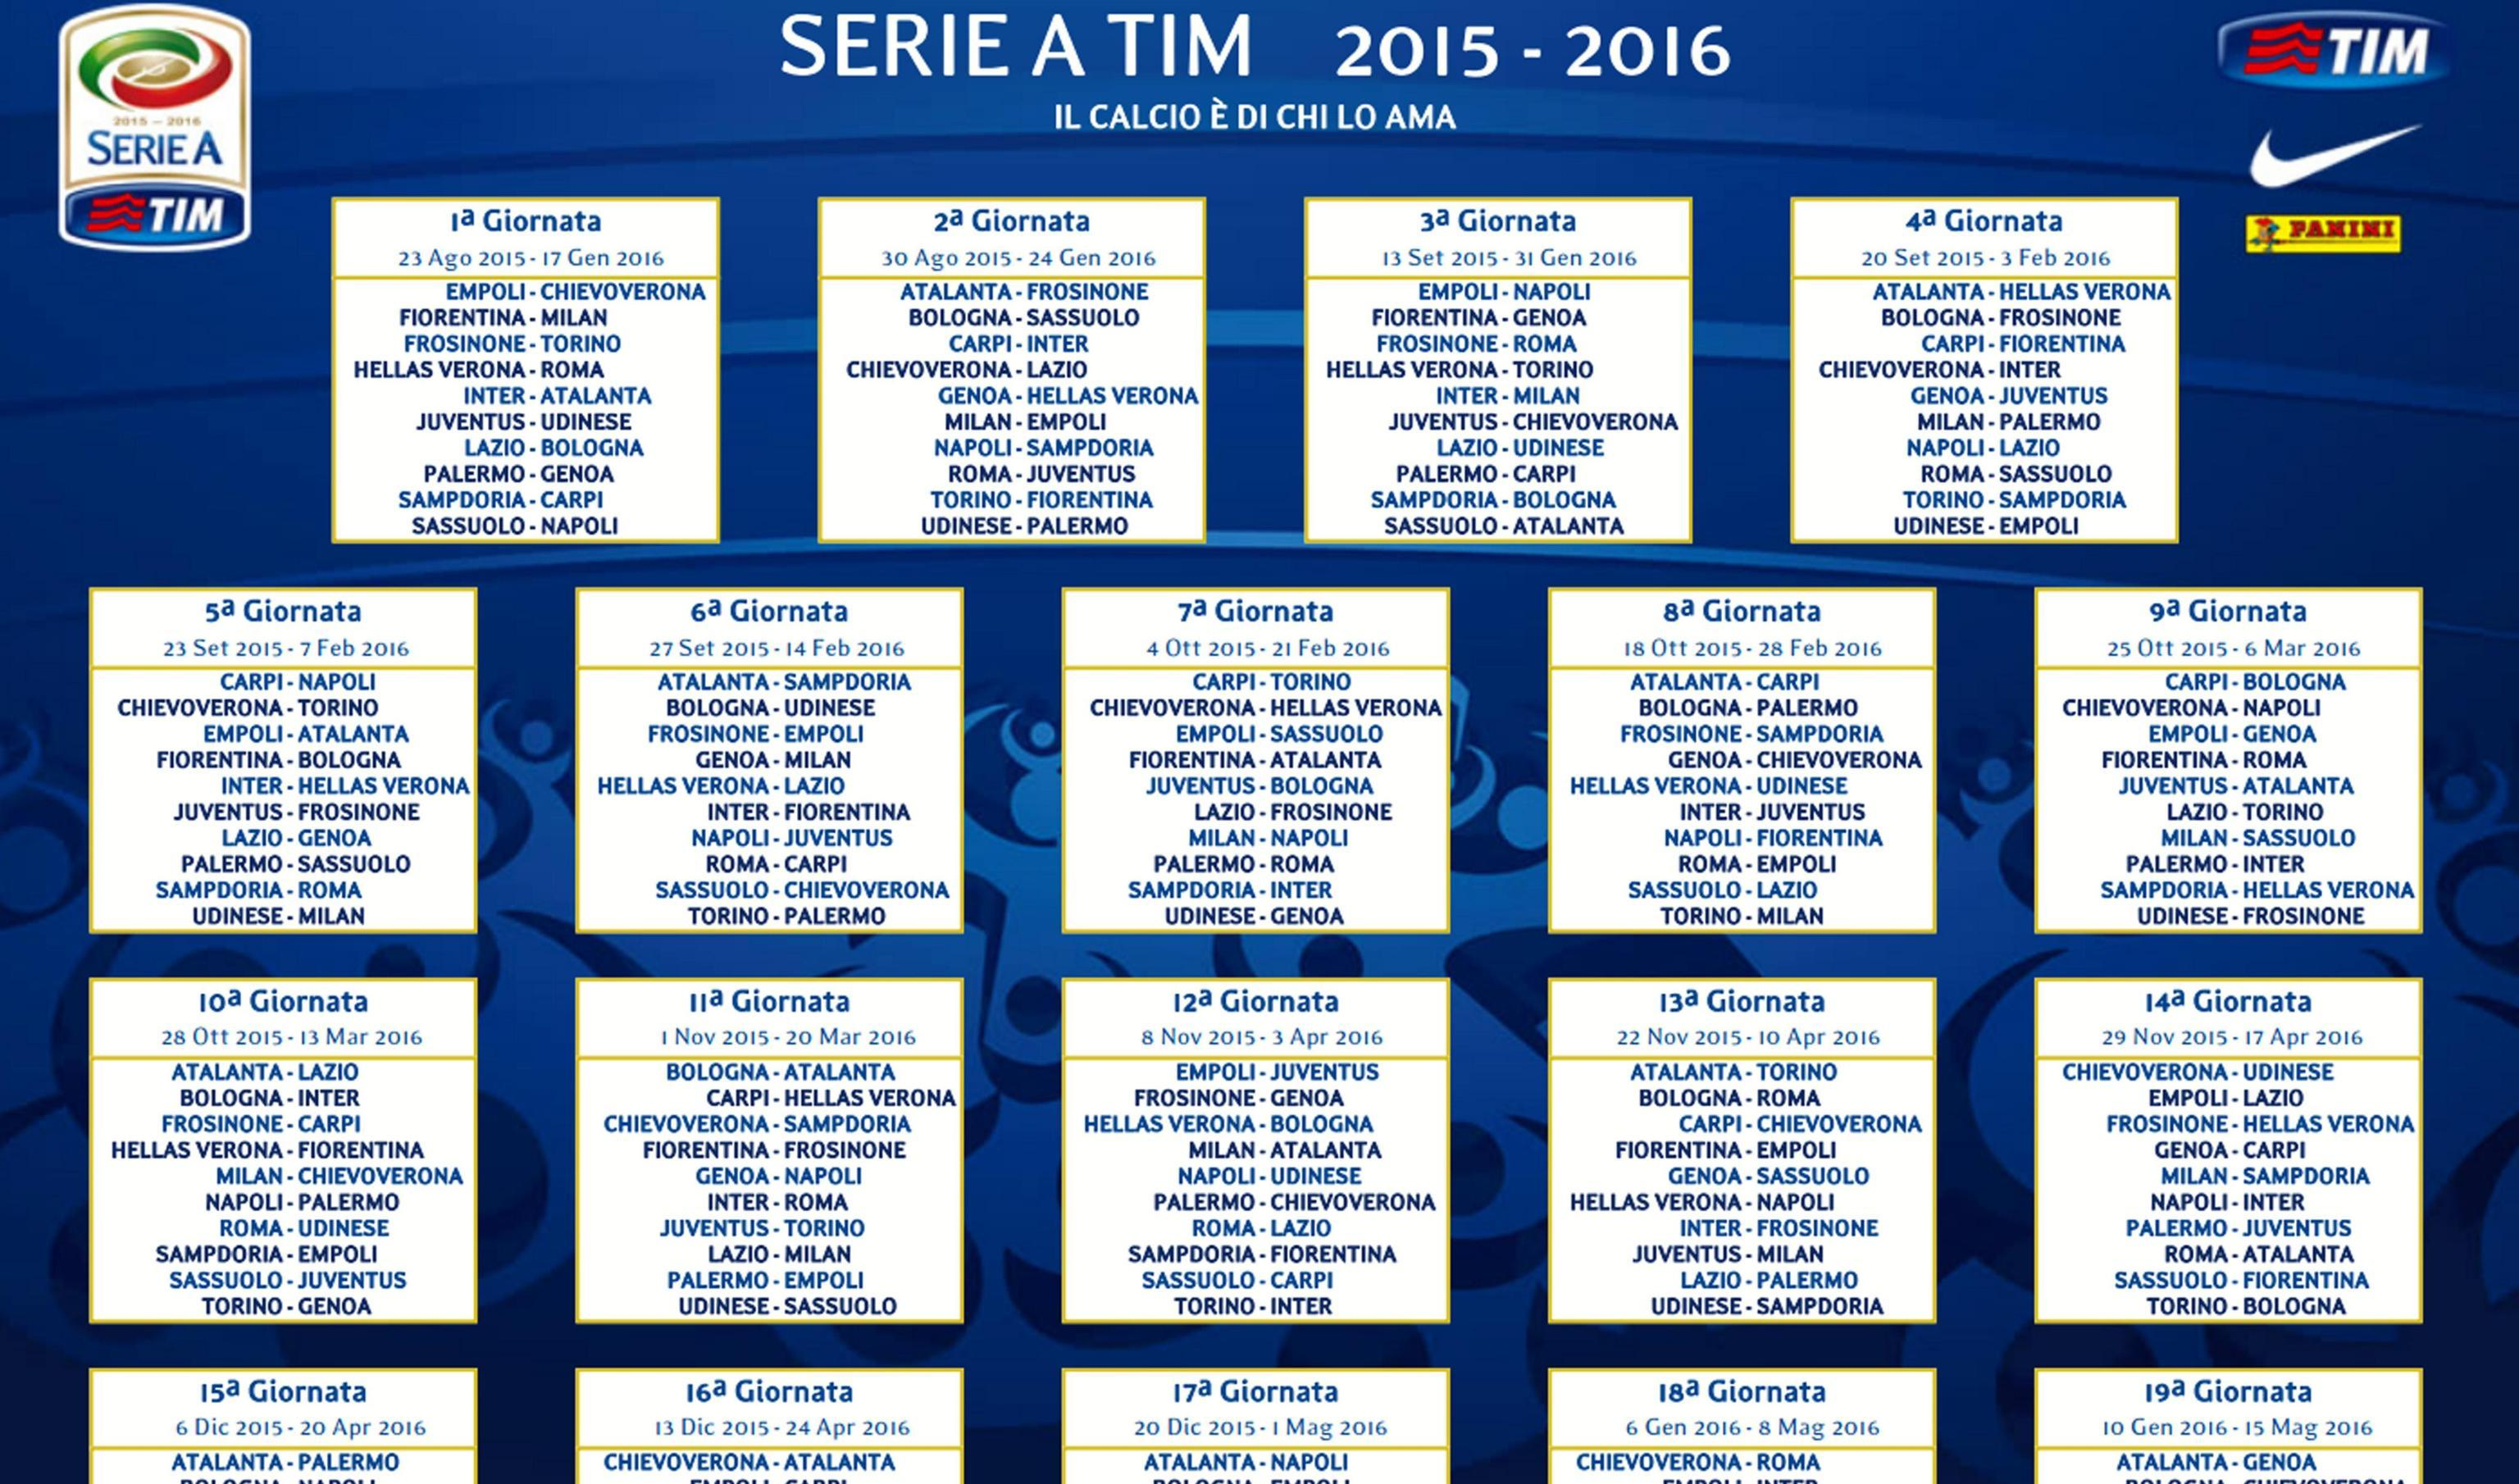 Calendario Serie Aa.Ecco Il Calendario Della Serie A Gazzetta Del Sud